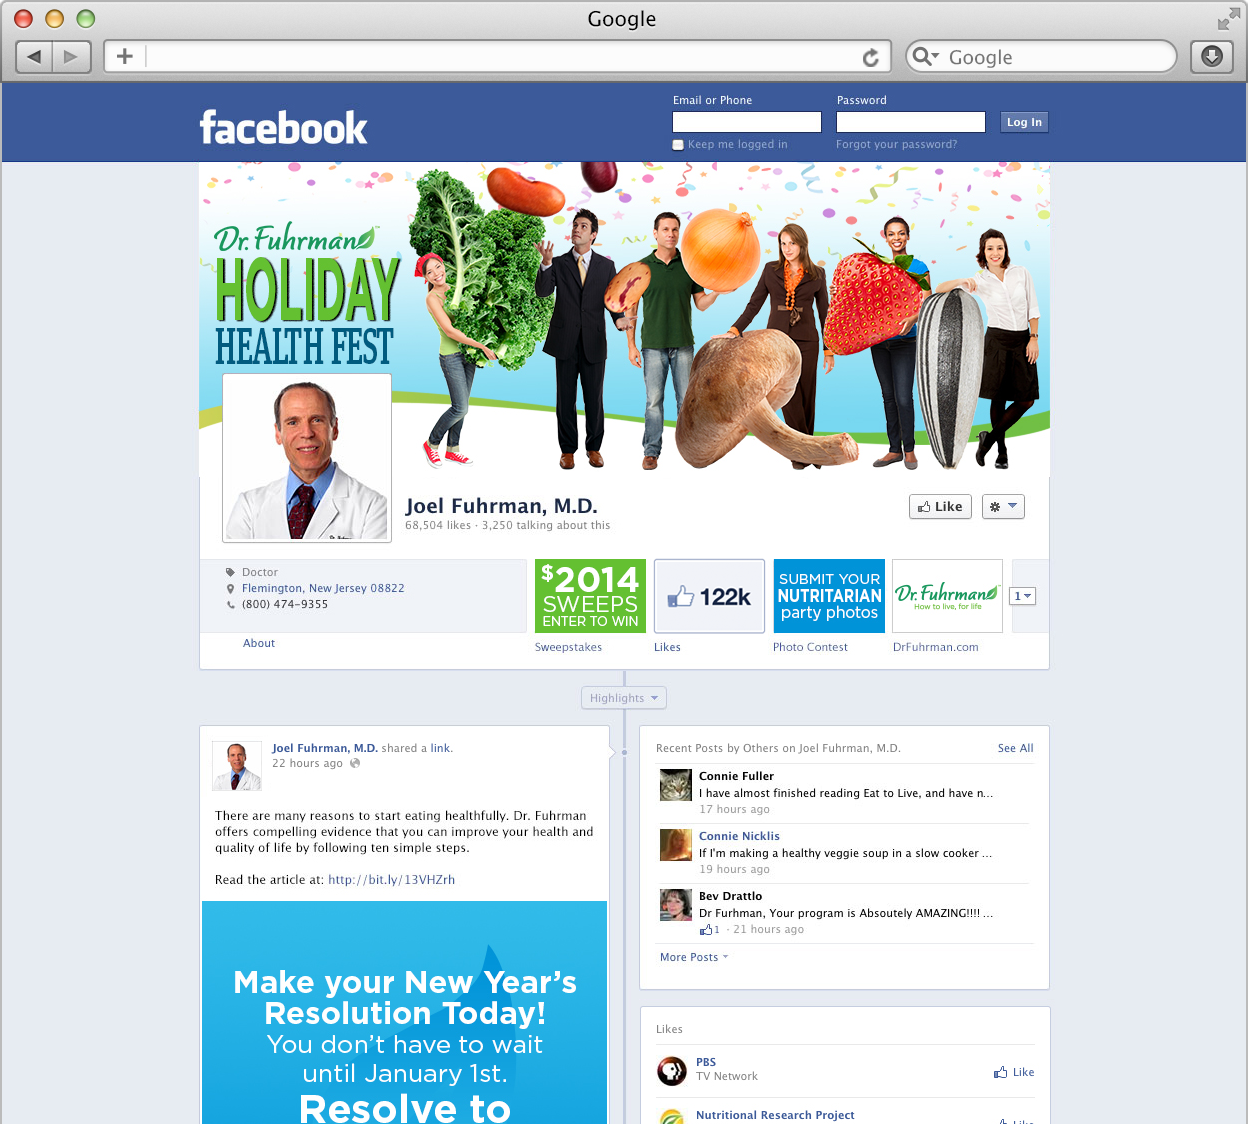 Dr. Fuhrman Facebook page